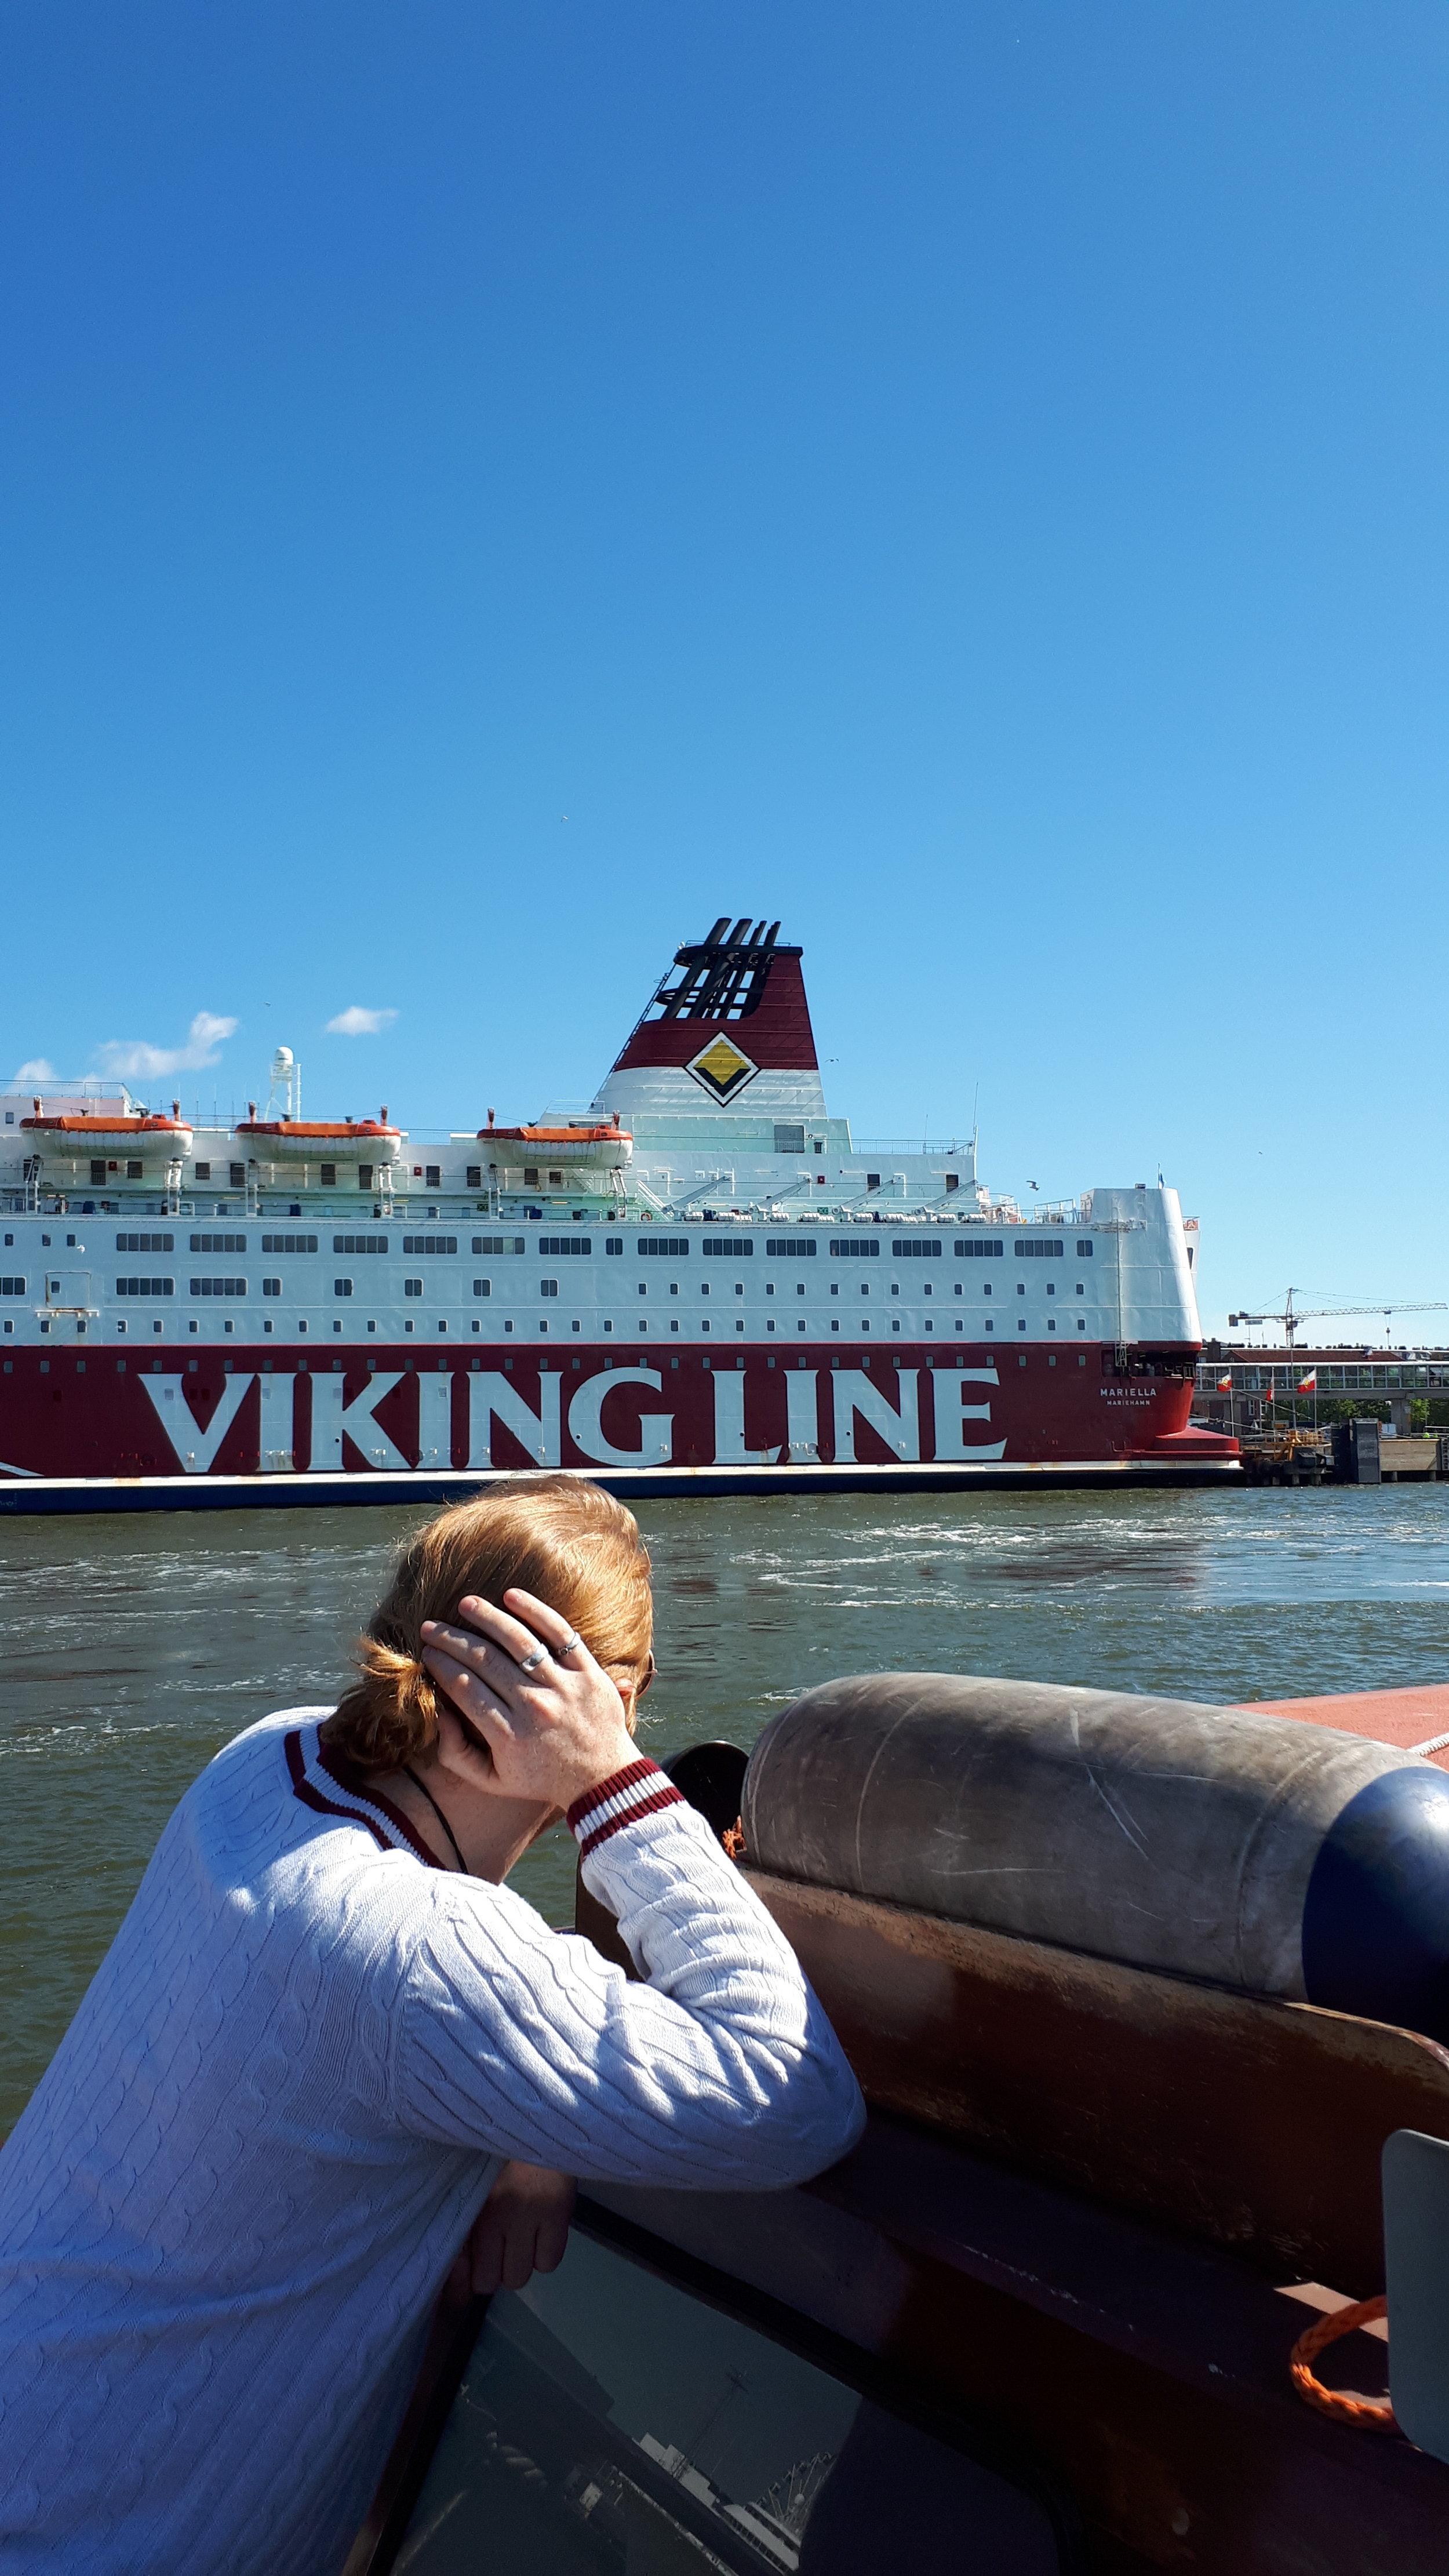 Wikinger unter sich | Vikings in line